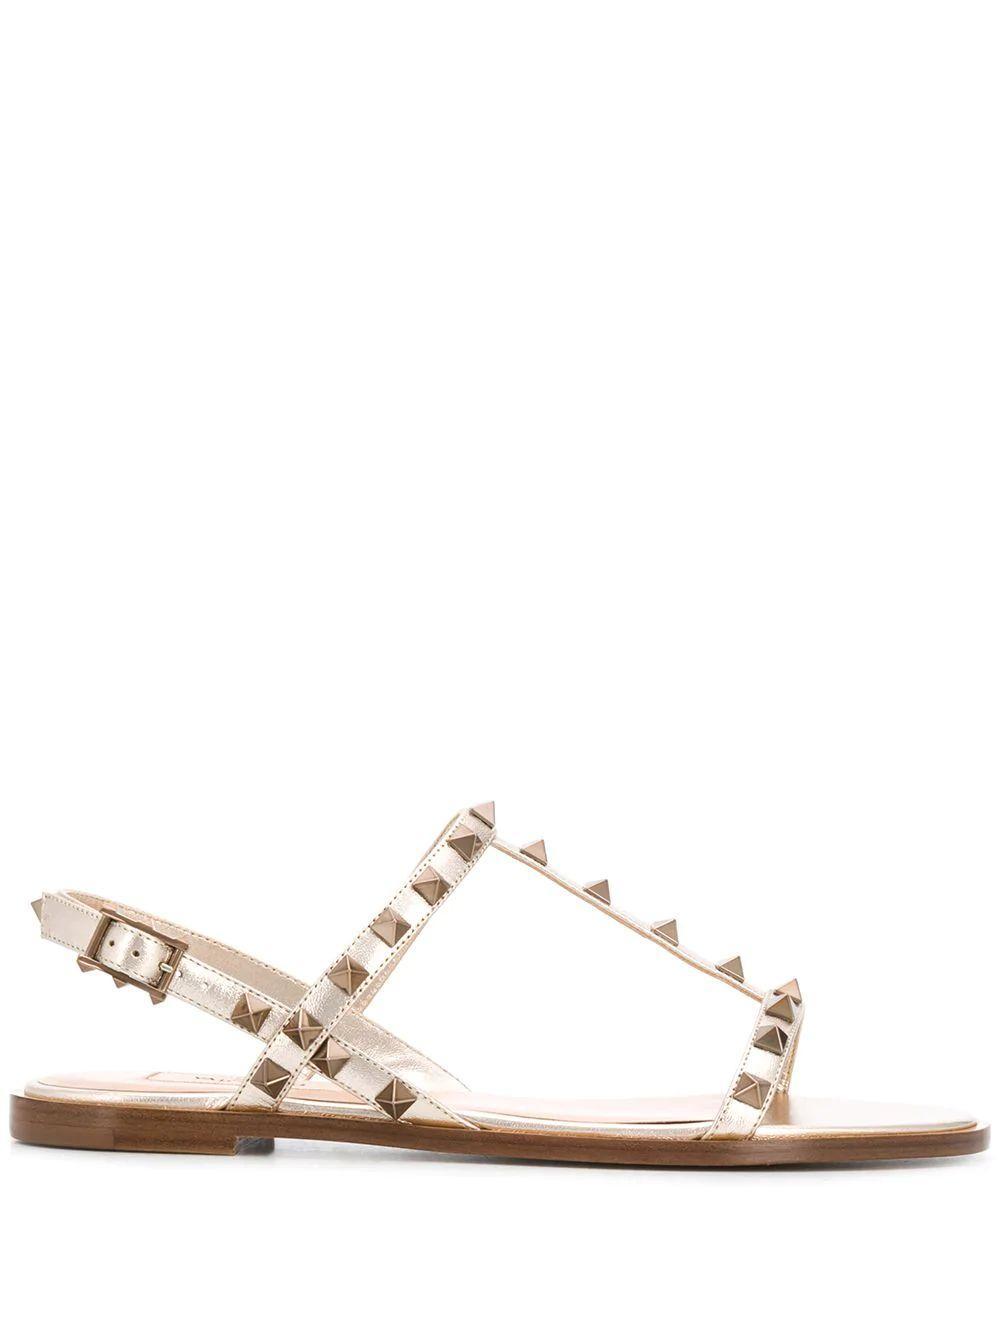 Rockstud 5mm T- Strap Sandal Item # TW2S0T03JXHS69